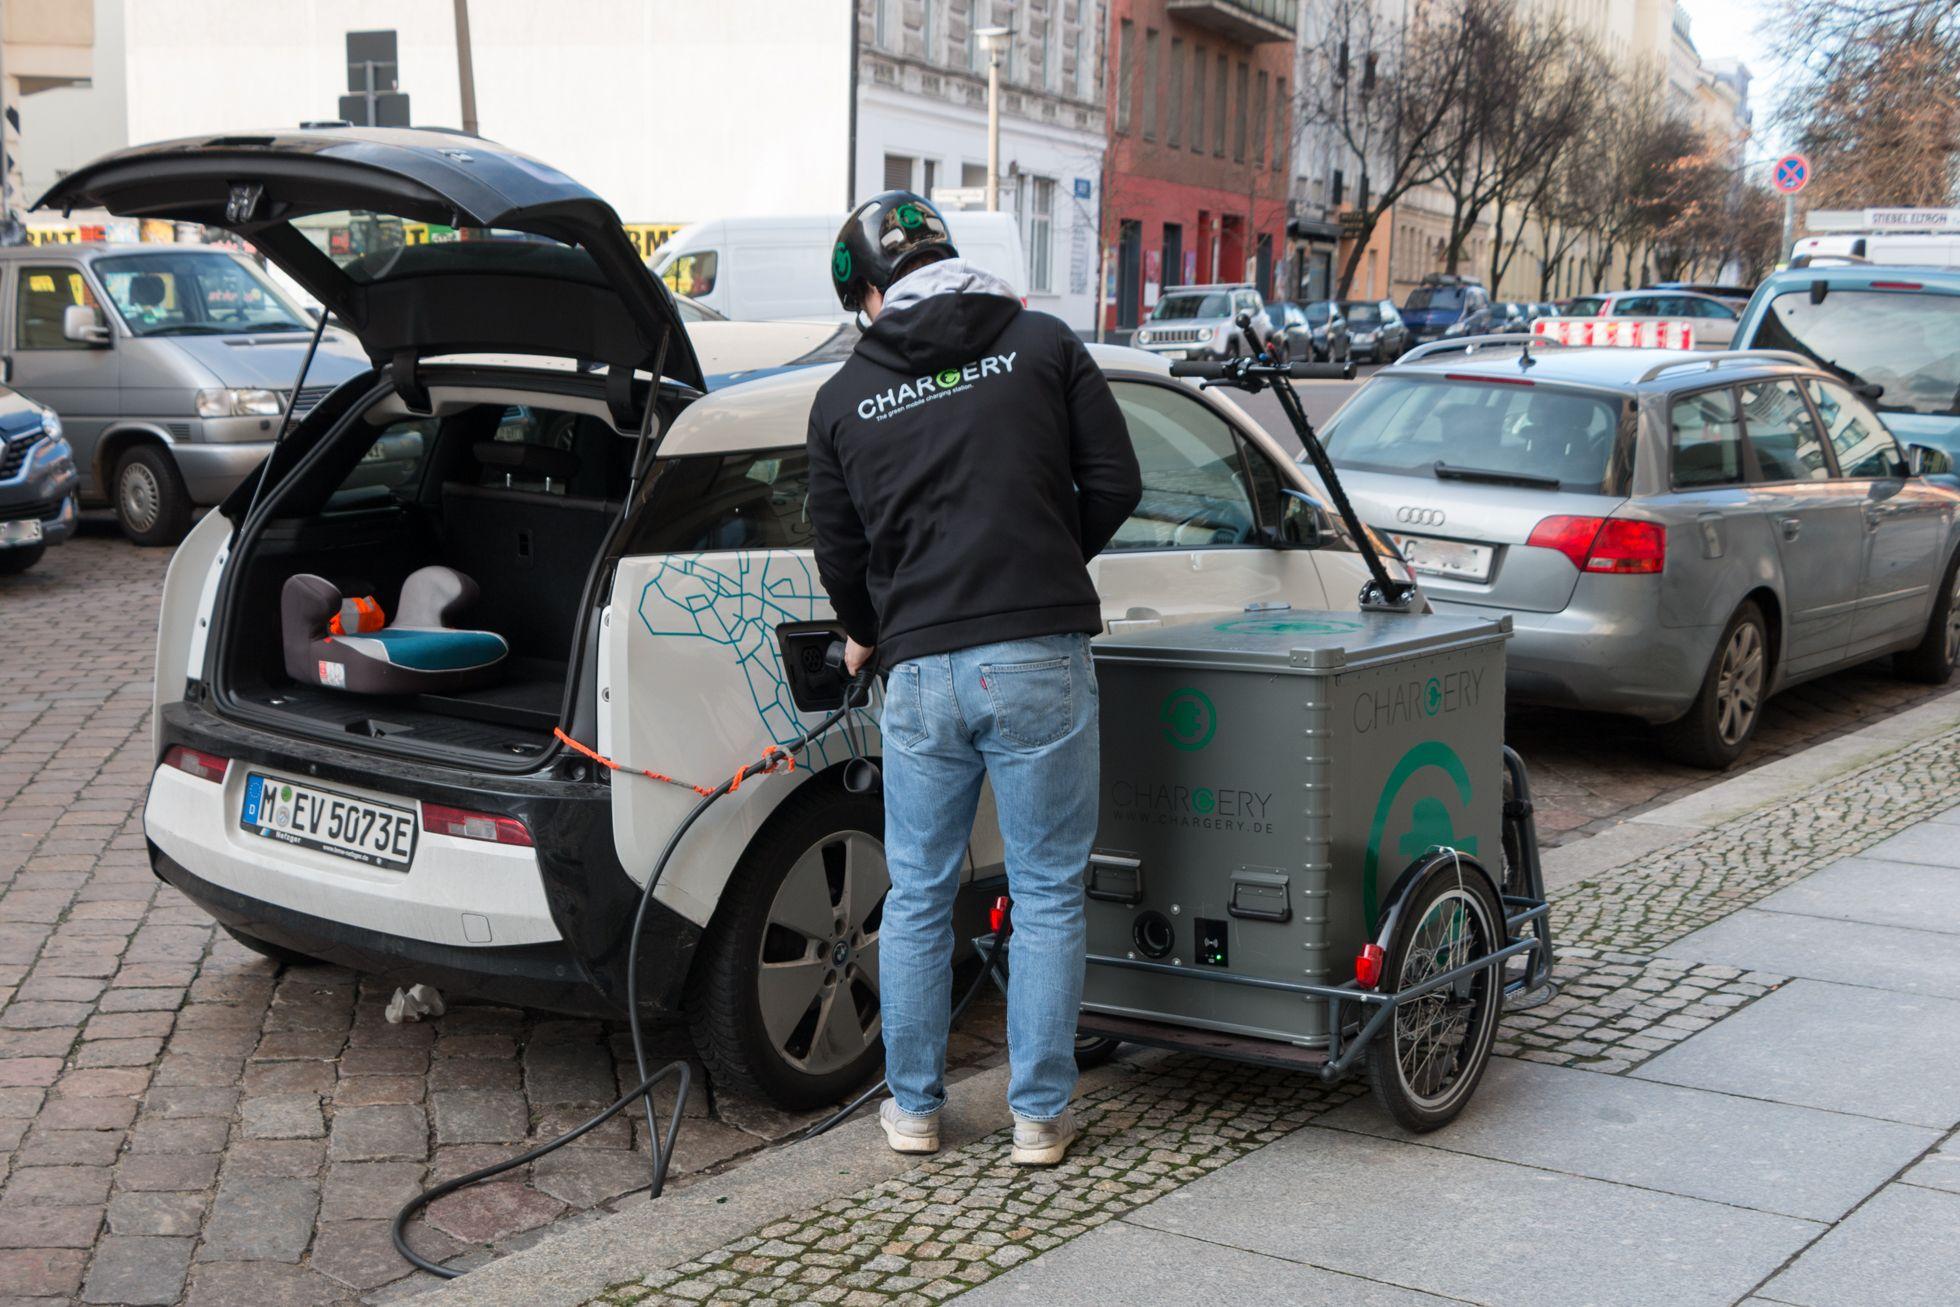 Chargery: 150 Kilo Watt auf drei Rädern - Die Akkus haben genug Strom gespeichert, um die Akku eines BMW i3 zu laden. (Foto: Werner Pluta/Golem.de)